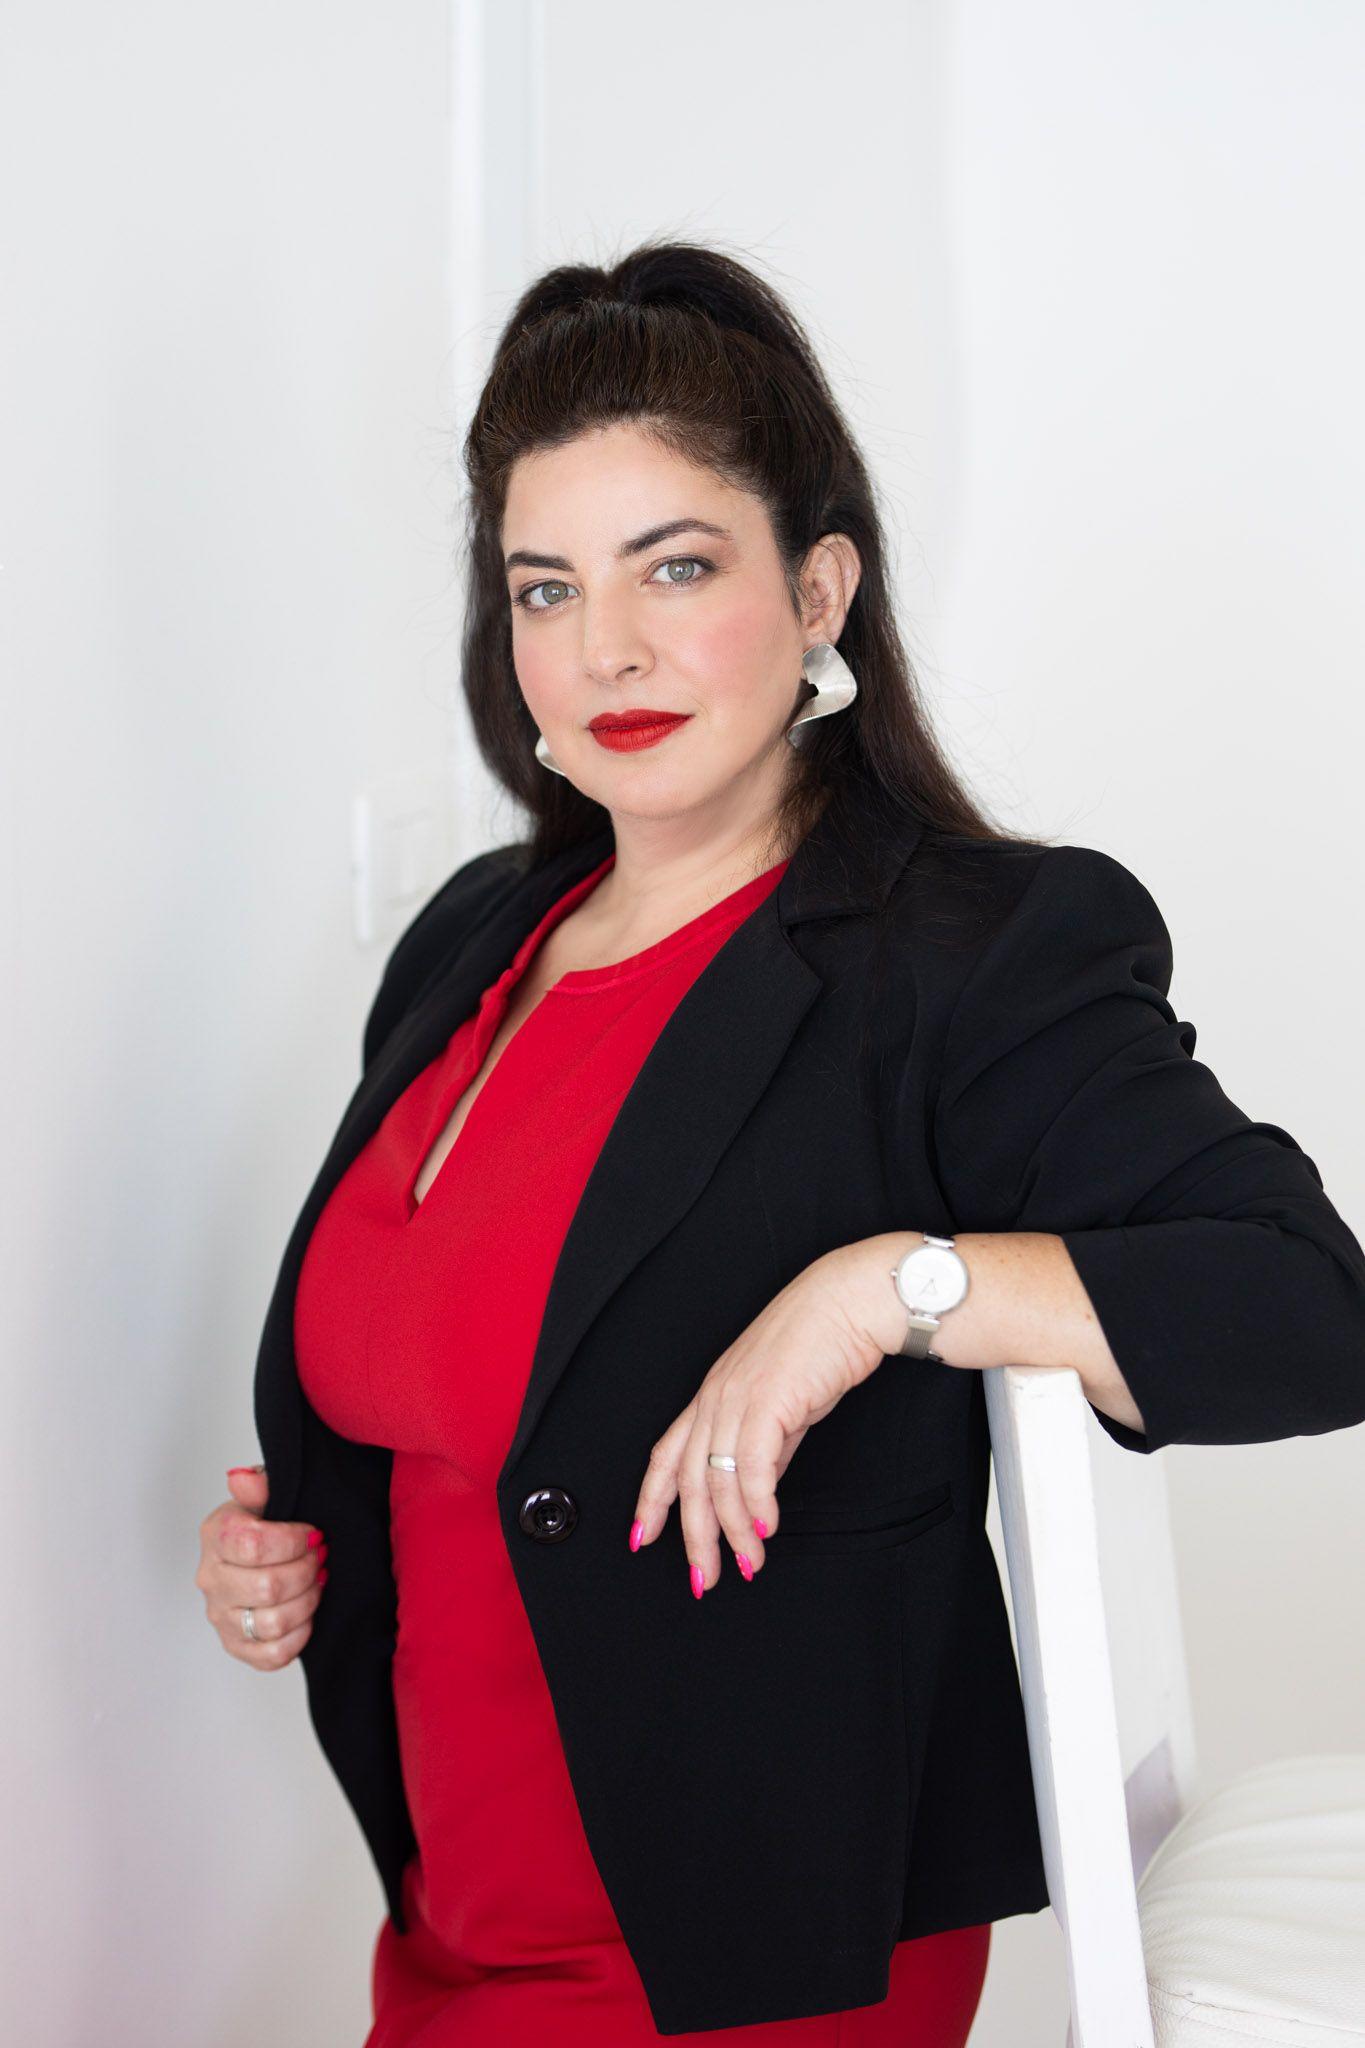 """""""פגישה עם מתווך הובילה אותי לשיווק מגרשים ובניינים למשקיעים ויזמים, משם התחלתי את קריירת היזמות שלי"""" , ענת קריספין"""